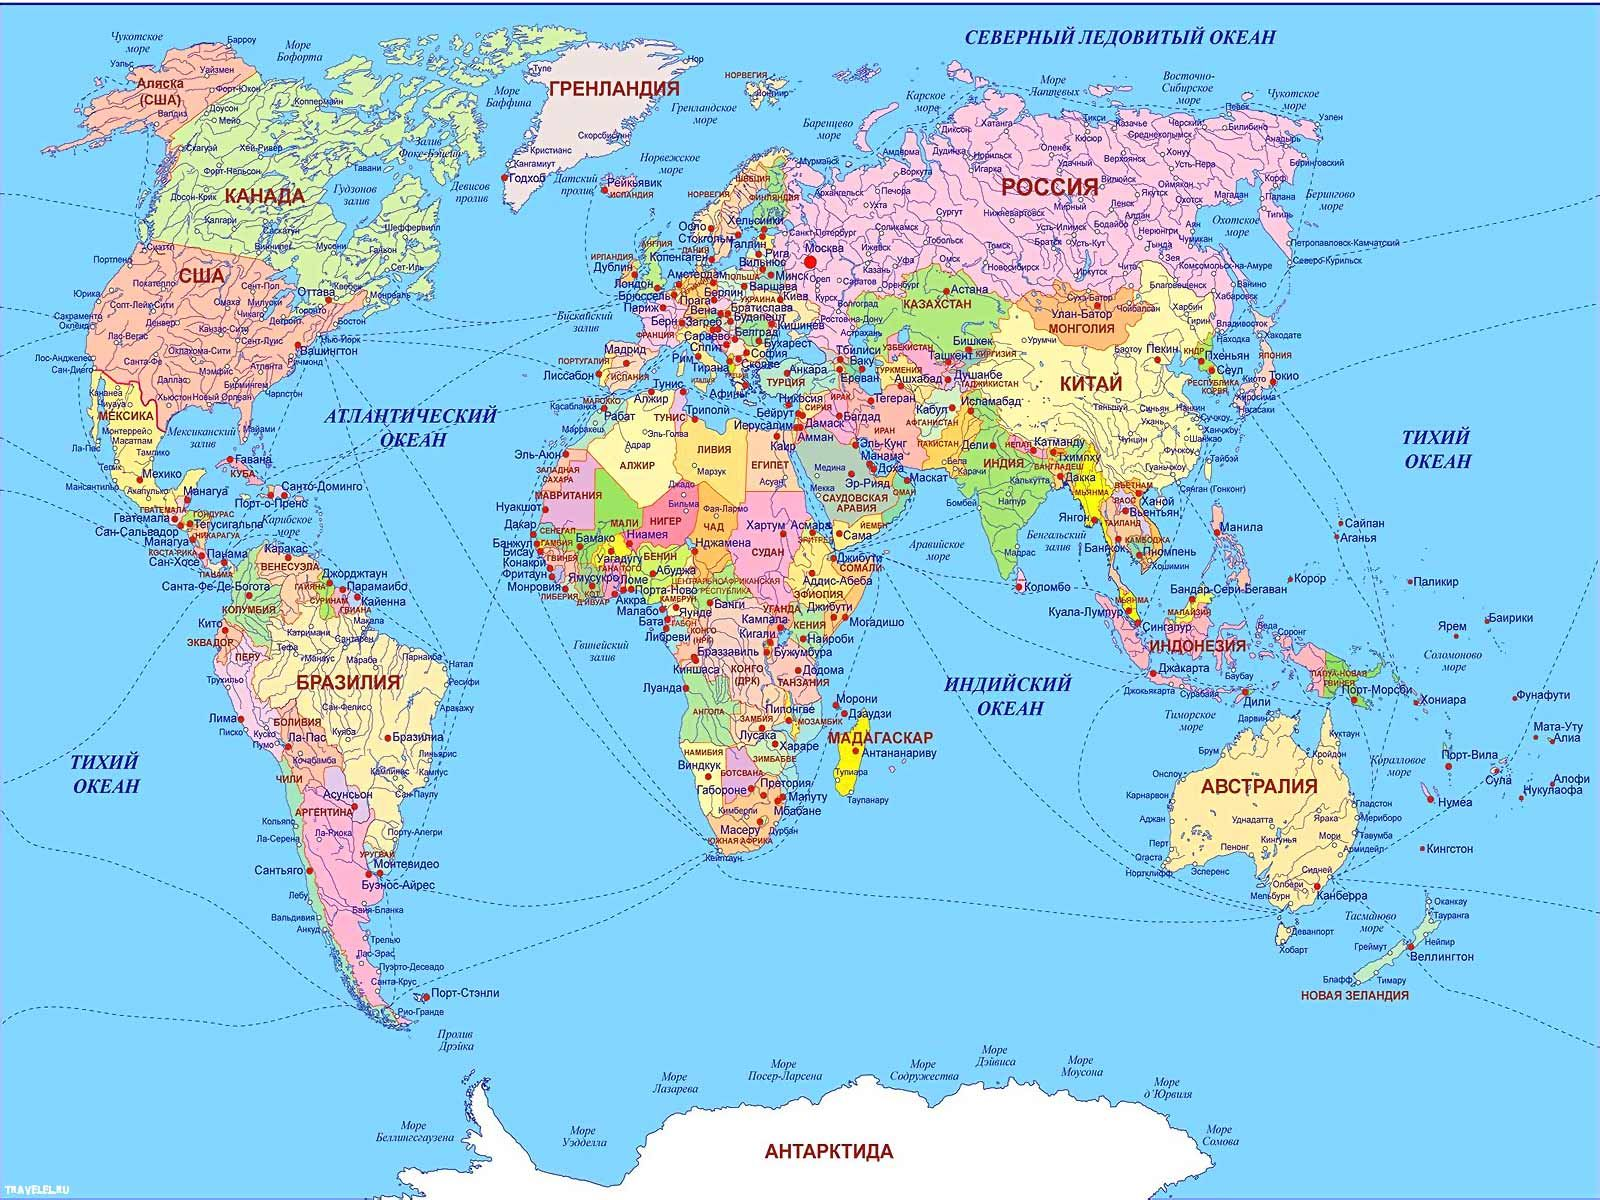 Rossiya Na Karte Mira Skachat Besplatno Gde Nahodyatsya Gosudarstva